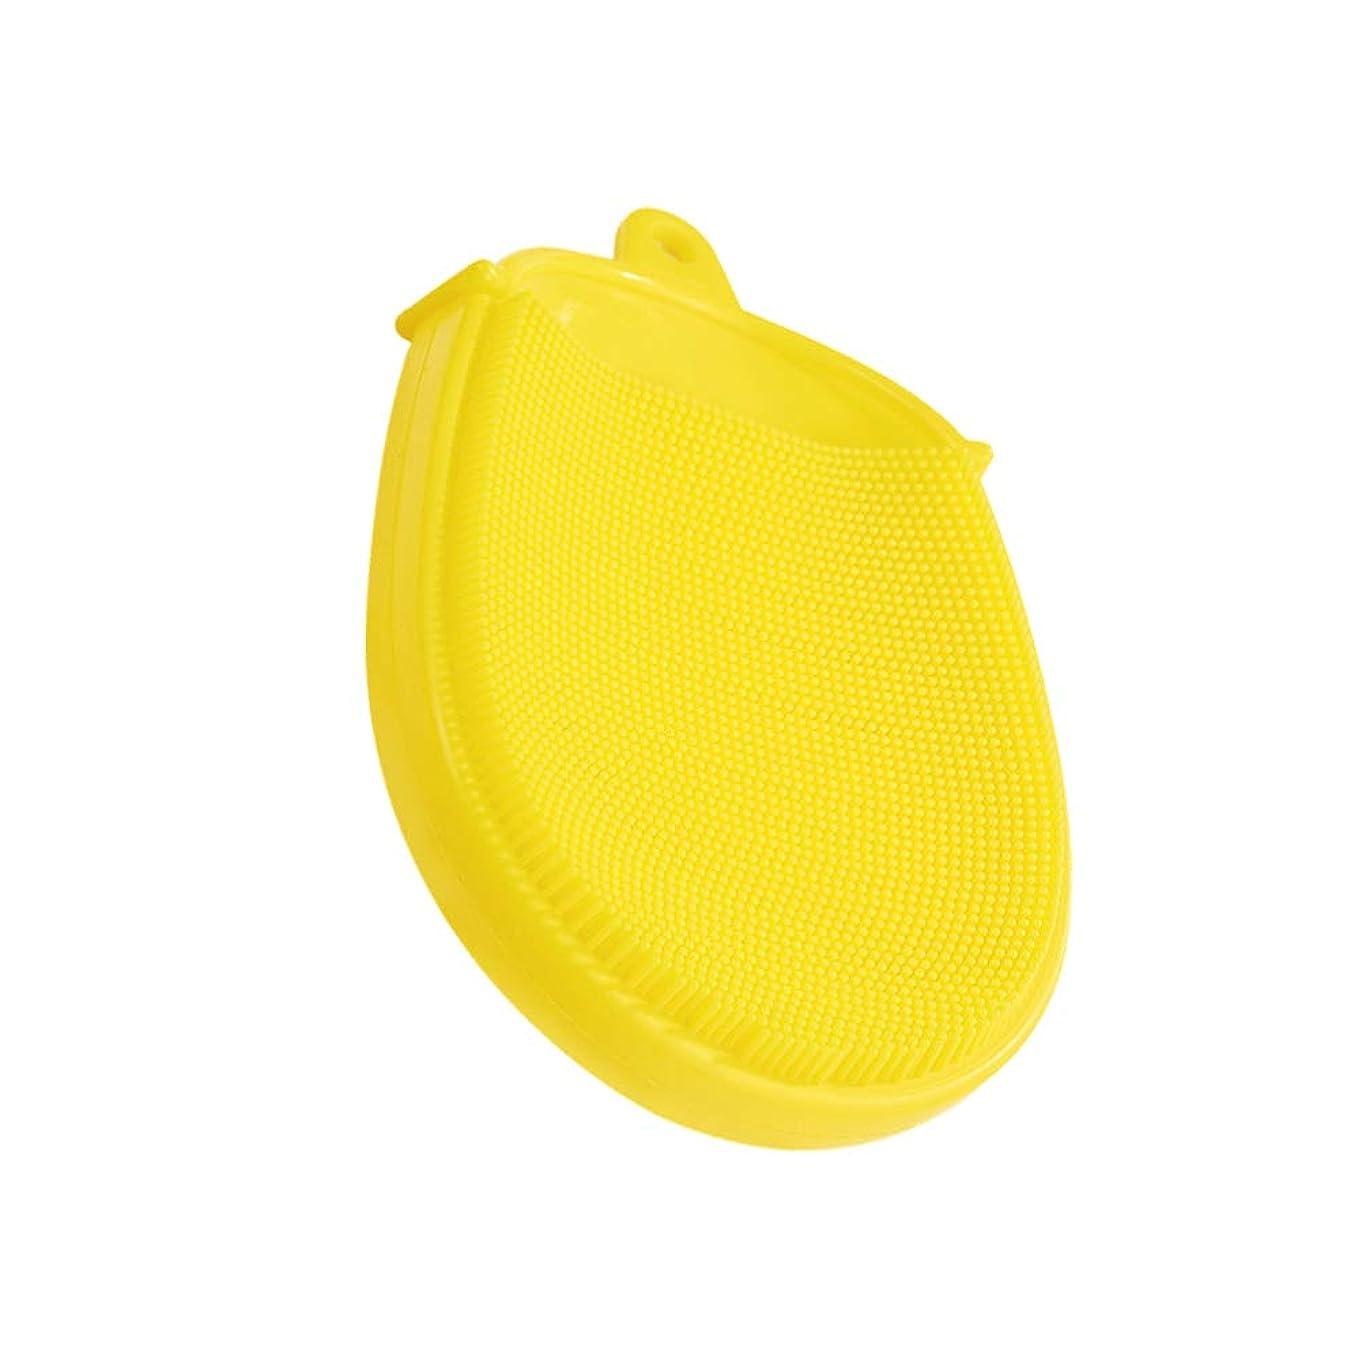 予算繁雑ディスパッチHeallily バスブラシシリコンボディブラシソフトマッサージバックブラシクレンジングスクラバーキッズバスアクセサリー(黄色)